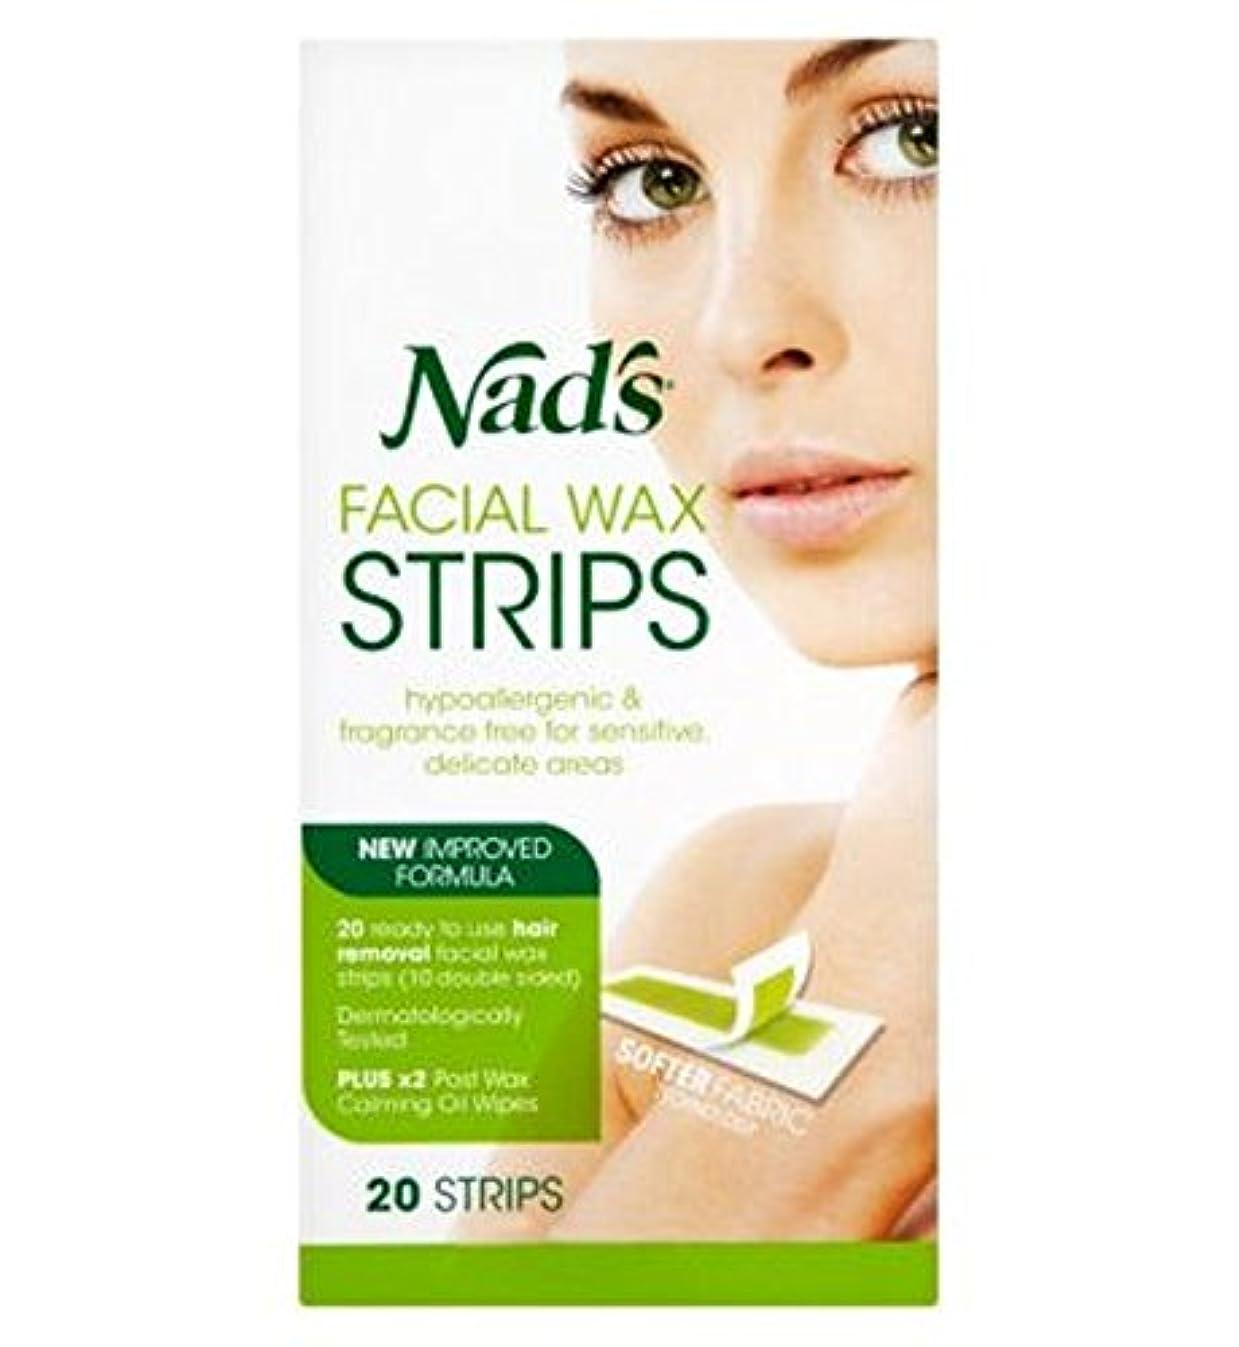 マントル一生紳士Nad's Facial Wax Strips 20s - Nadの顔のワックスストリップ20代 (Nad's) [並行輸入品]